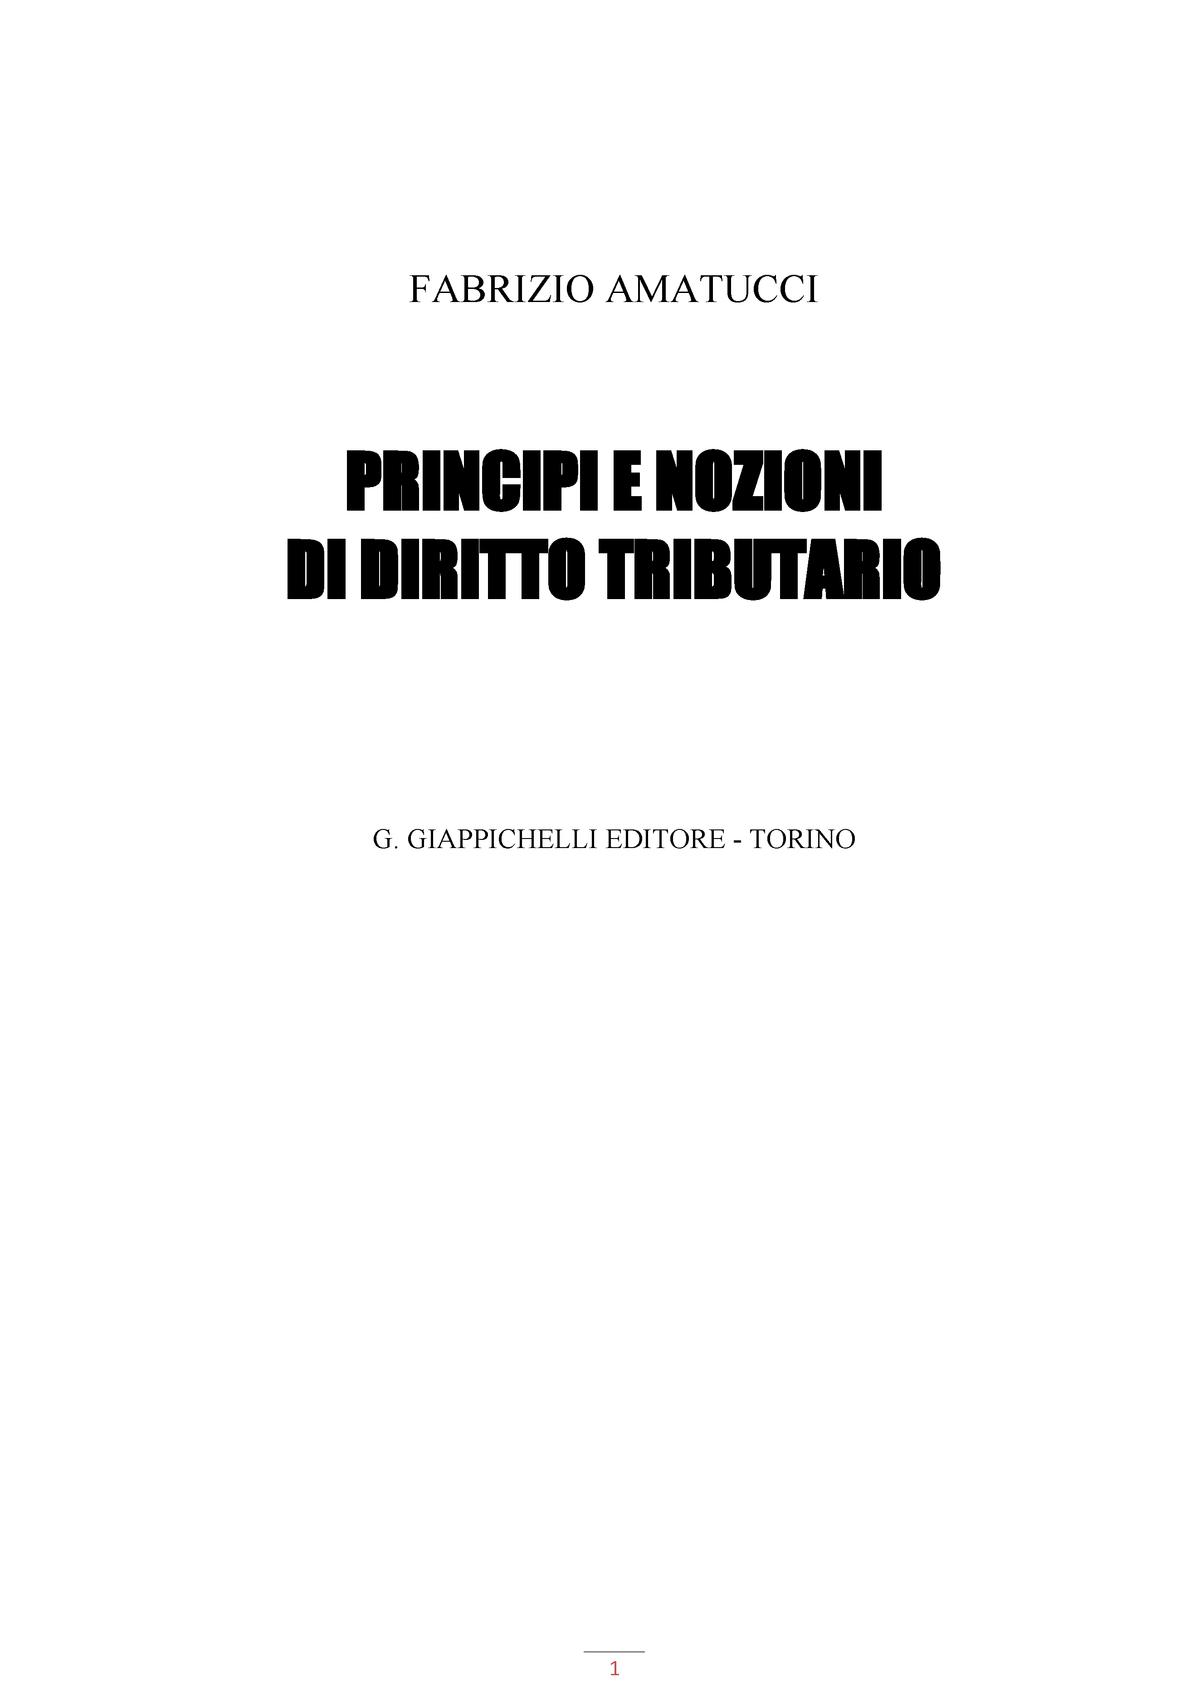 ef35d712a8f4 Fabrizio Amatucci - Principi e nozioni di diritto tributario - StuDocu